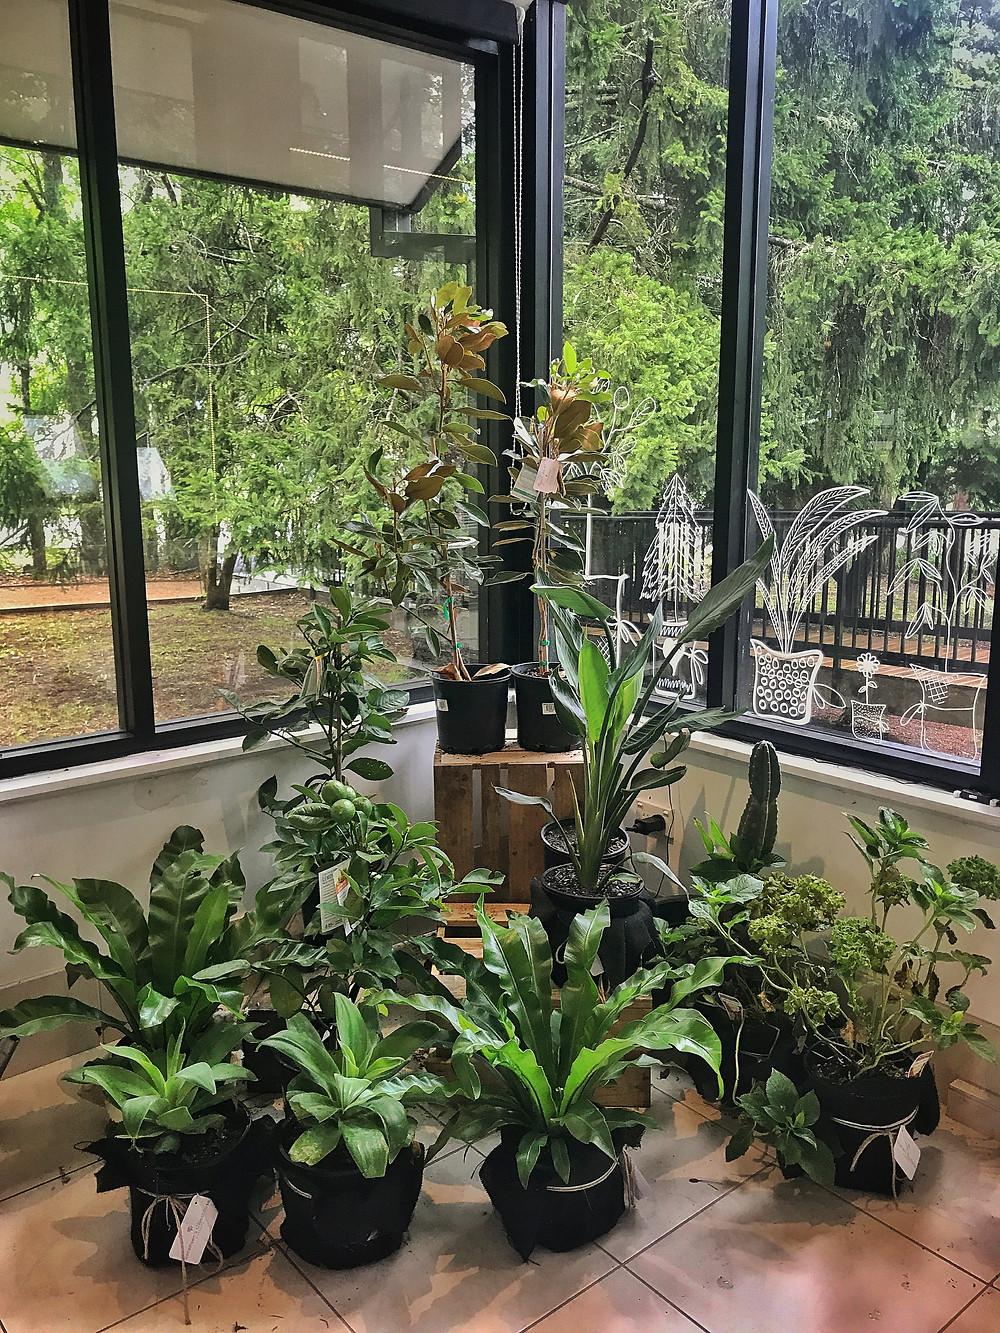 Clovar-creative-sorensen-glasshouse-and-garden-leura-buy-plants